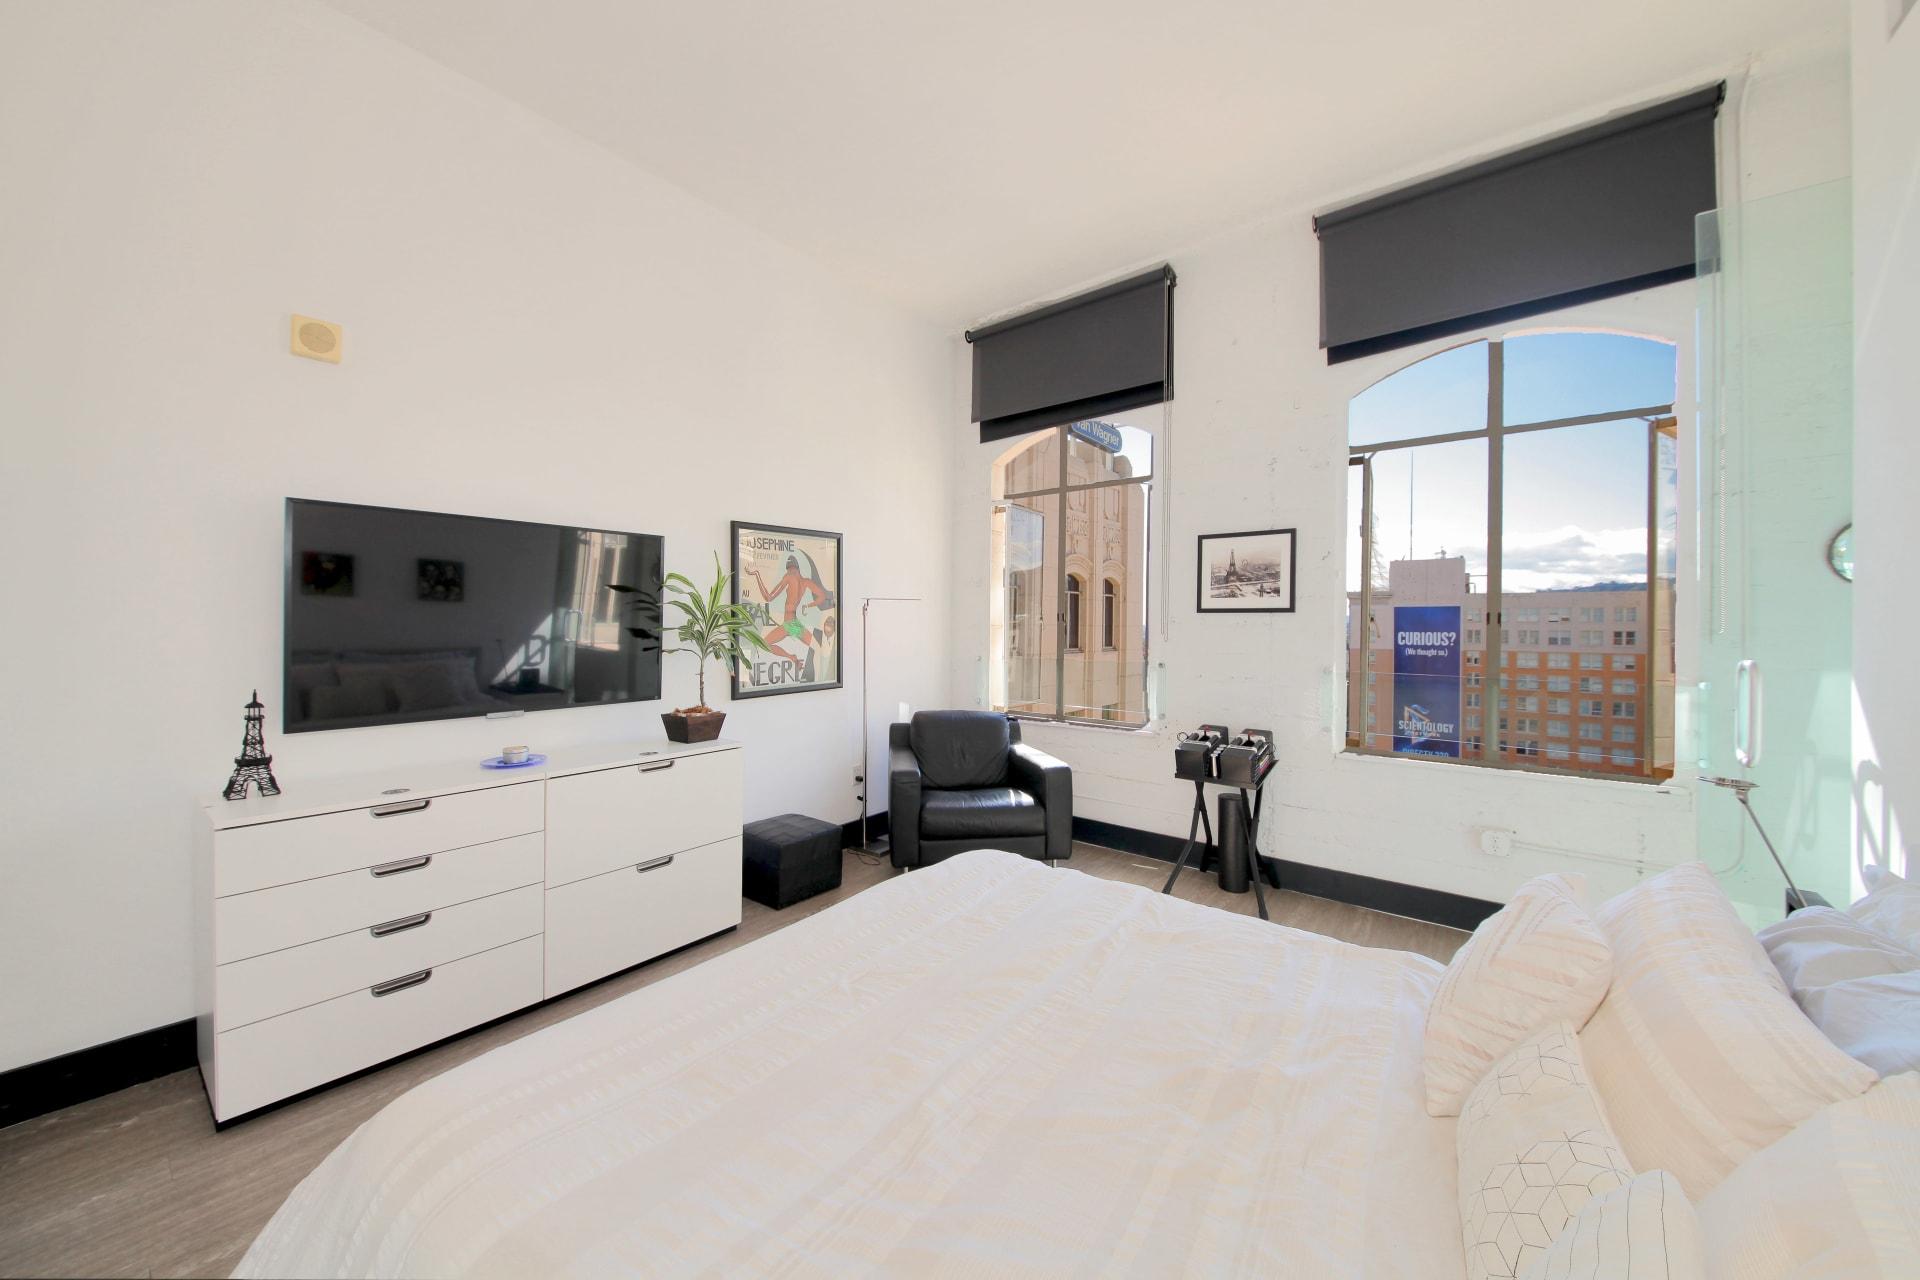 6253 Hollywood Boulevard, Unit 1105 photo